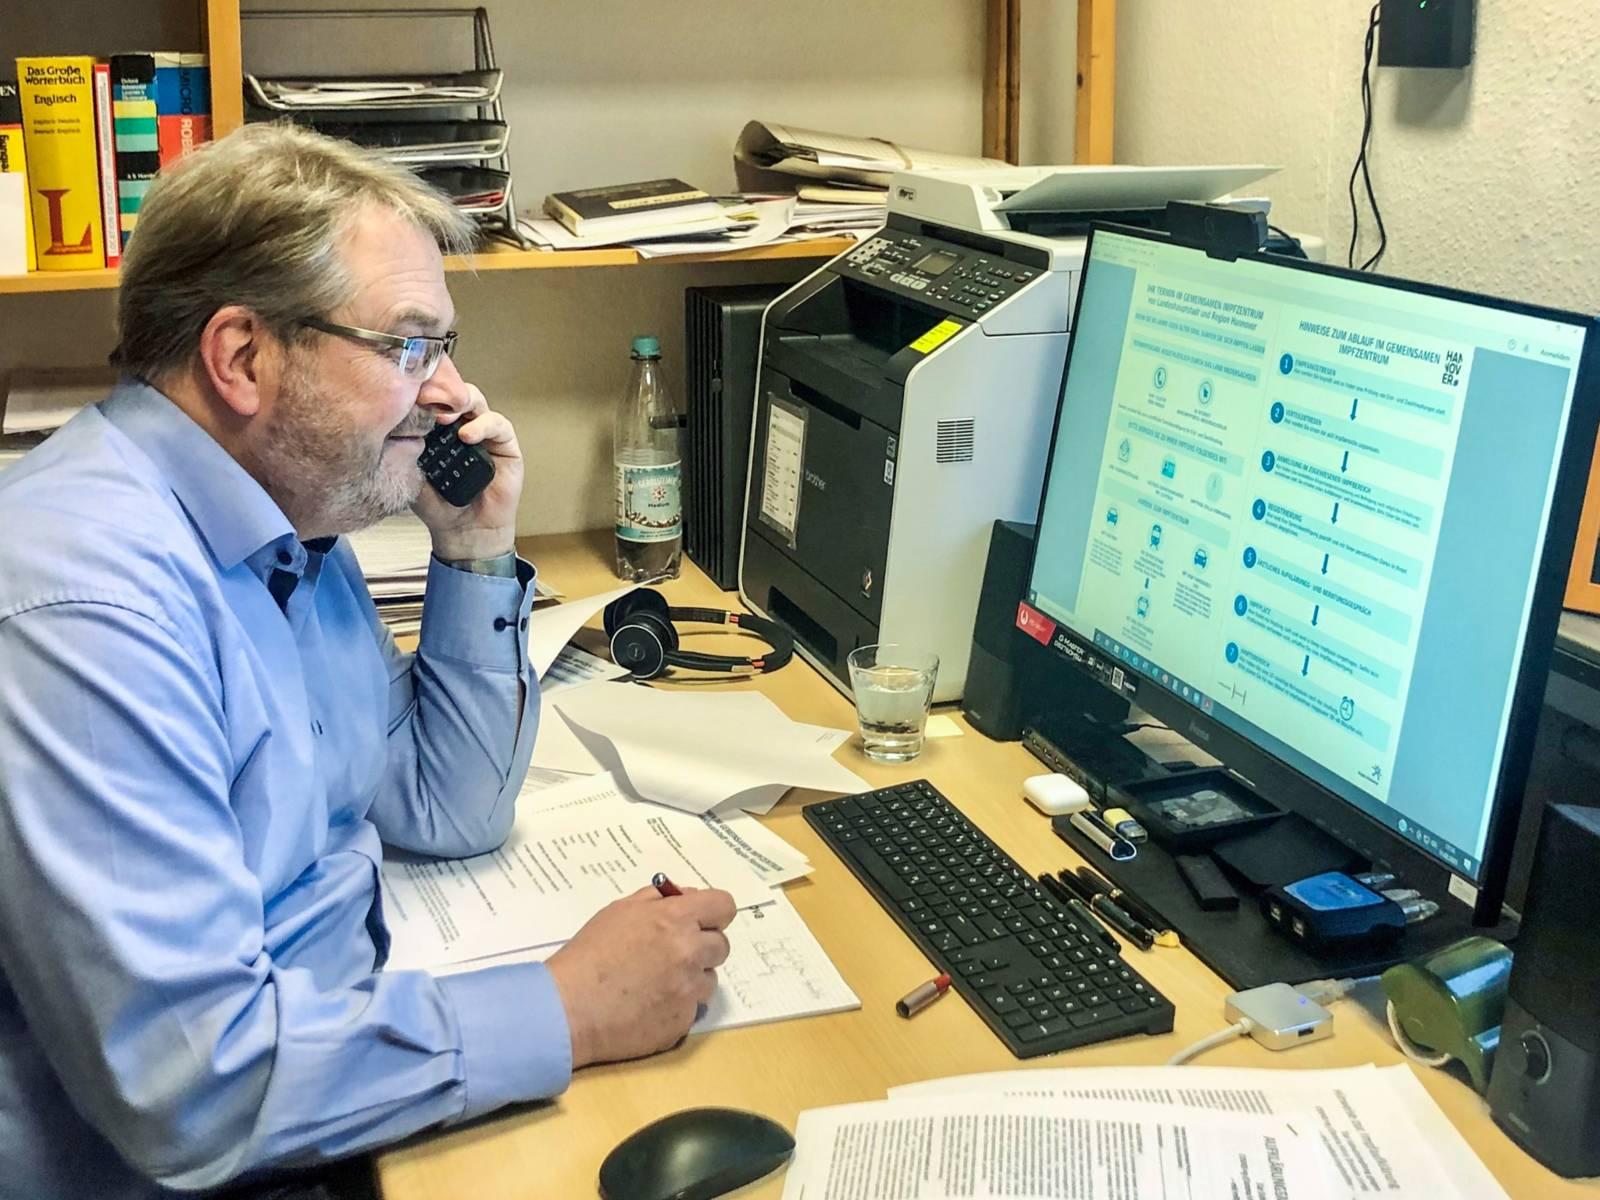 Ein Mann sitzt an einem Schreibtisch vor einem PC-Bildschirm und telefoniert